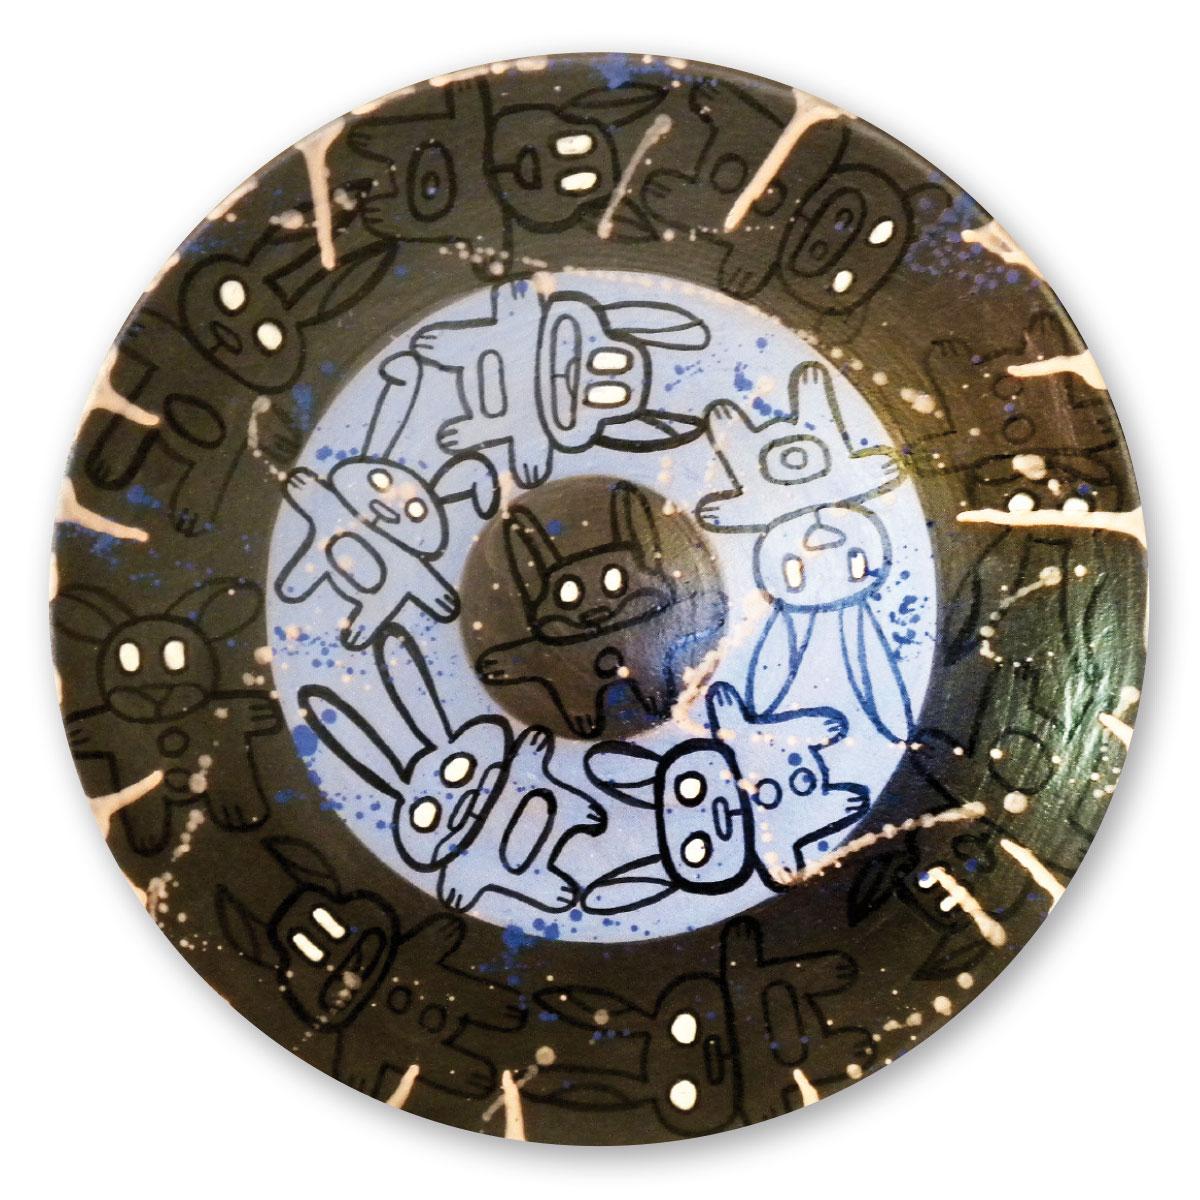 L'opera dell'artista Pablo Echaurren acquisita dal Museo a cielo aperto di Denice, dedicato alla ceramica contemporanea